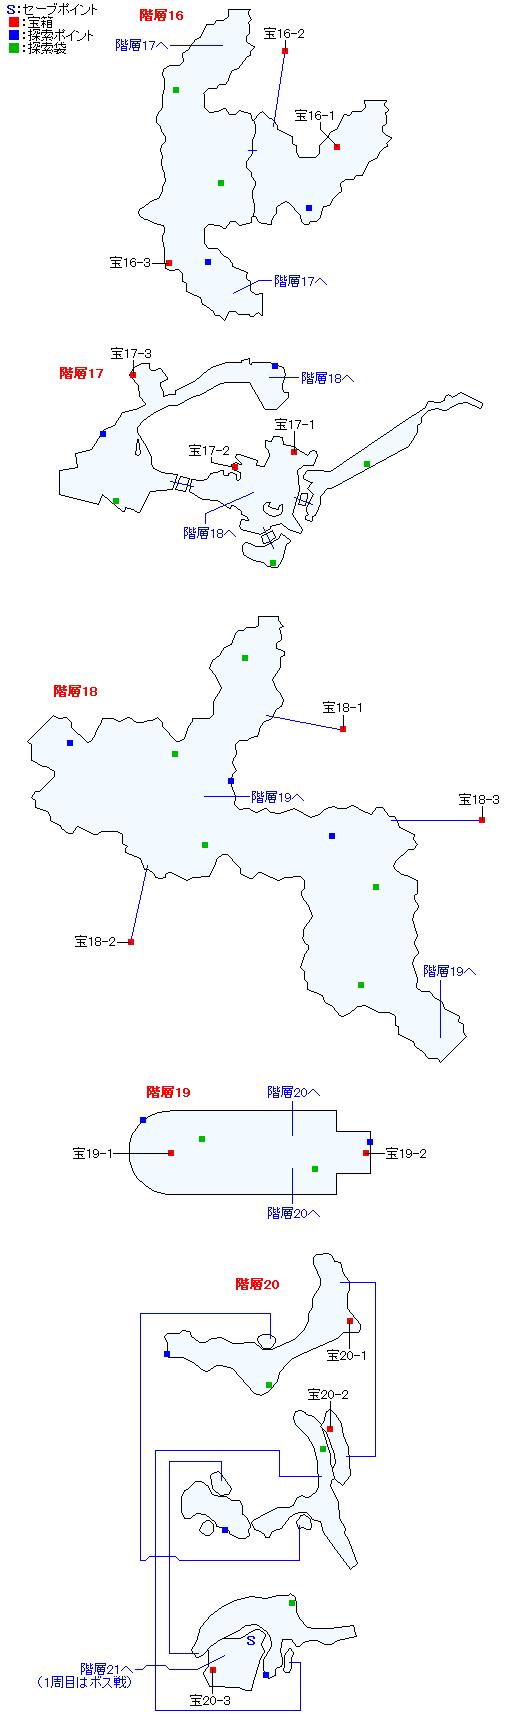 マップ画像・マグナ・ゼロ(16~20層)